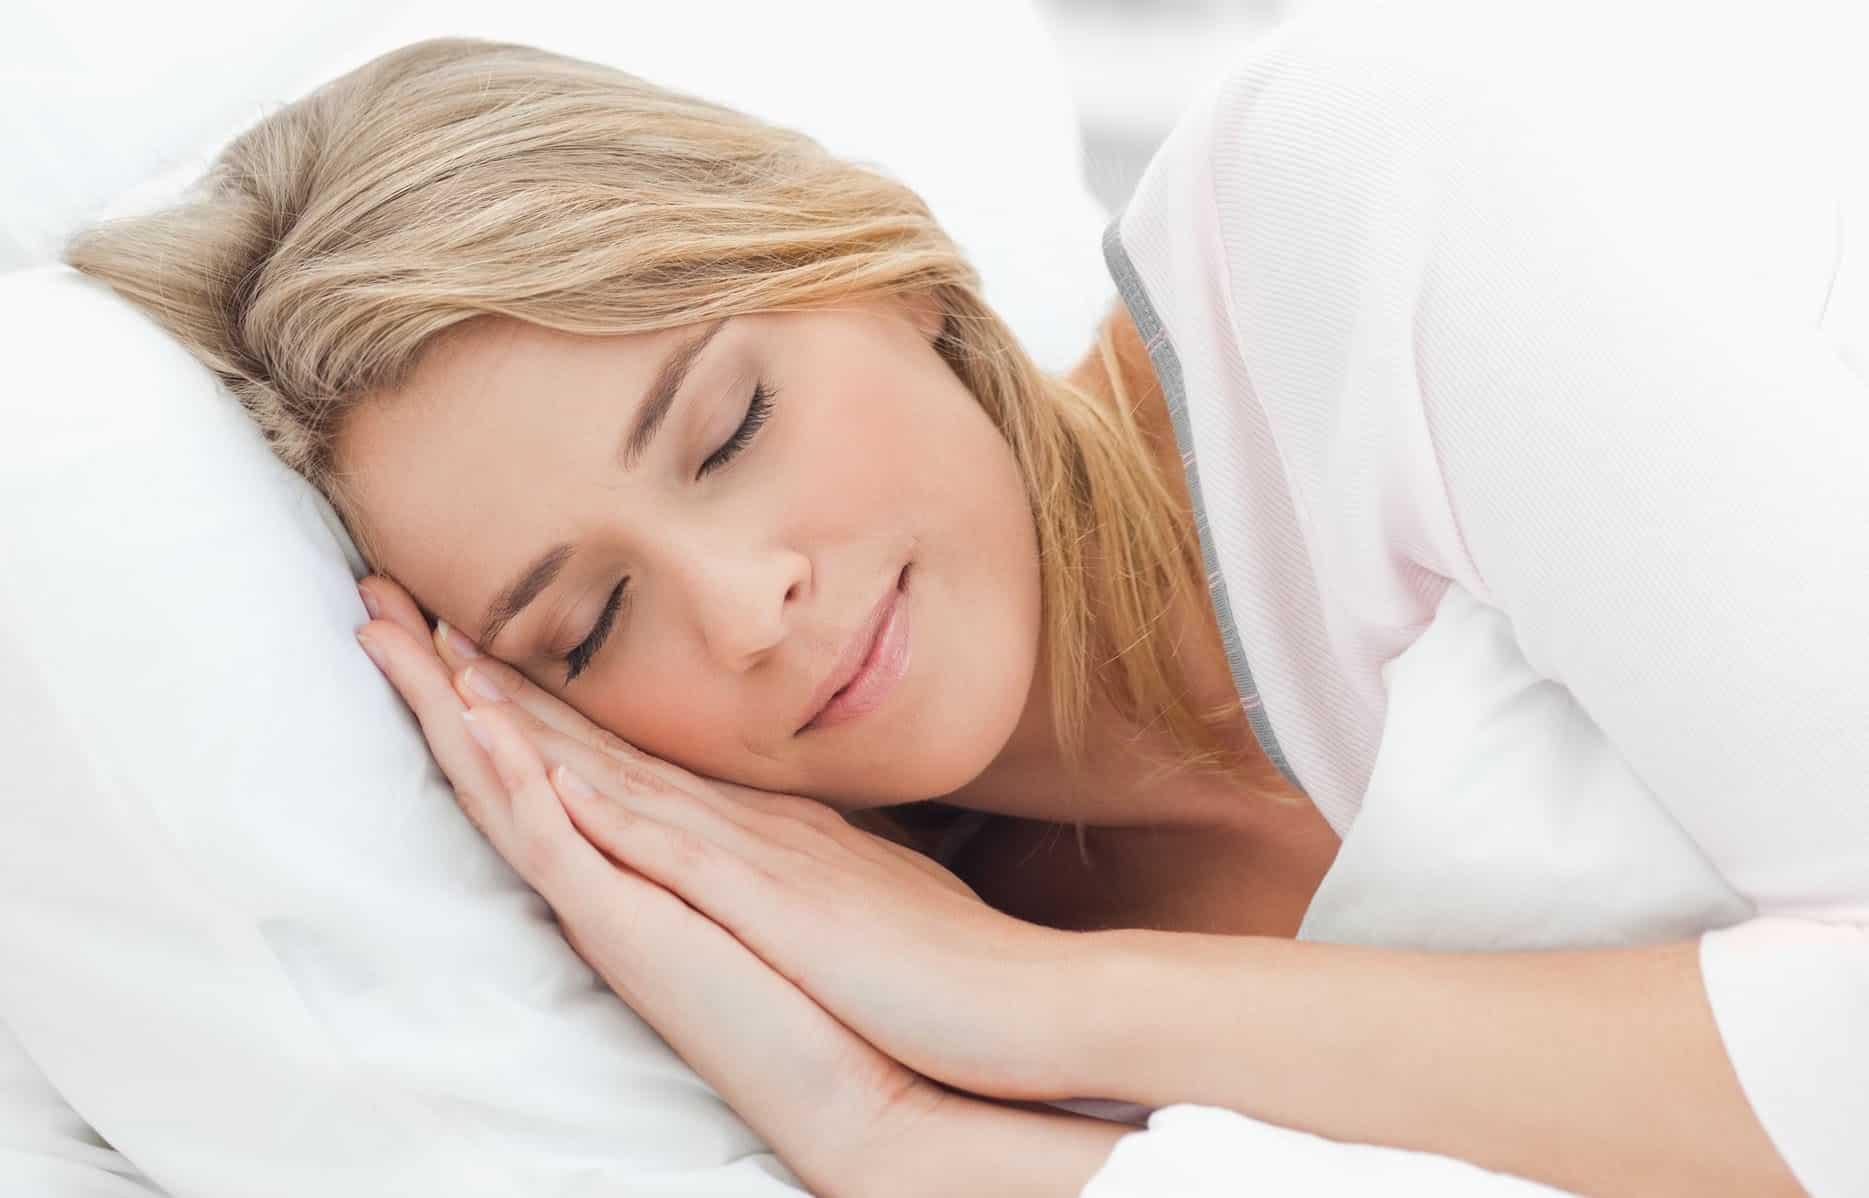 uninterrupted sleep